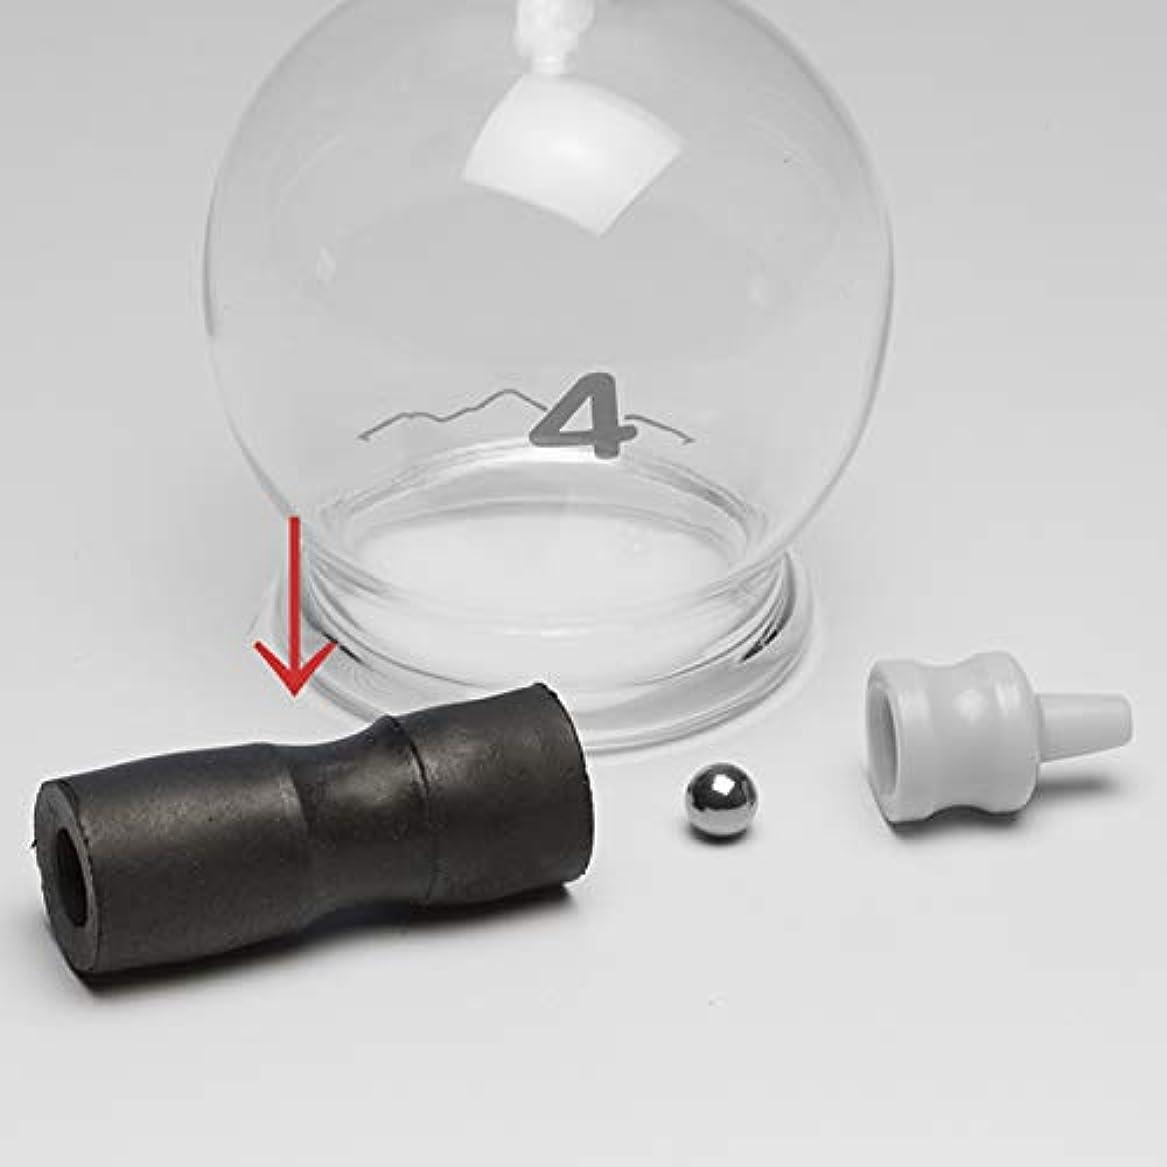 マーベルこするしおれた霧島ガラス玉(電動吸い玉機器用吸着具)用黒ゴム弁(ゴムのみ) 吸灸